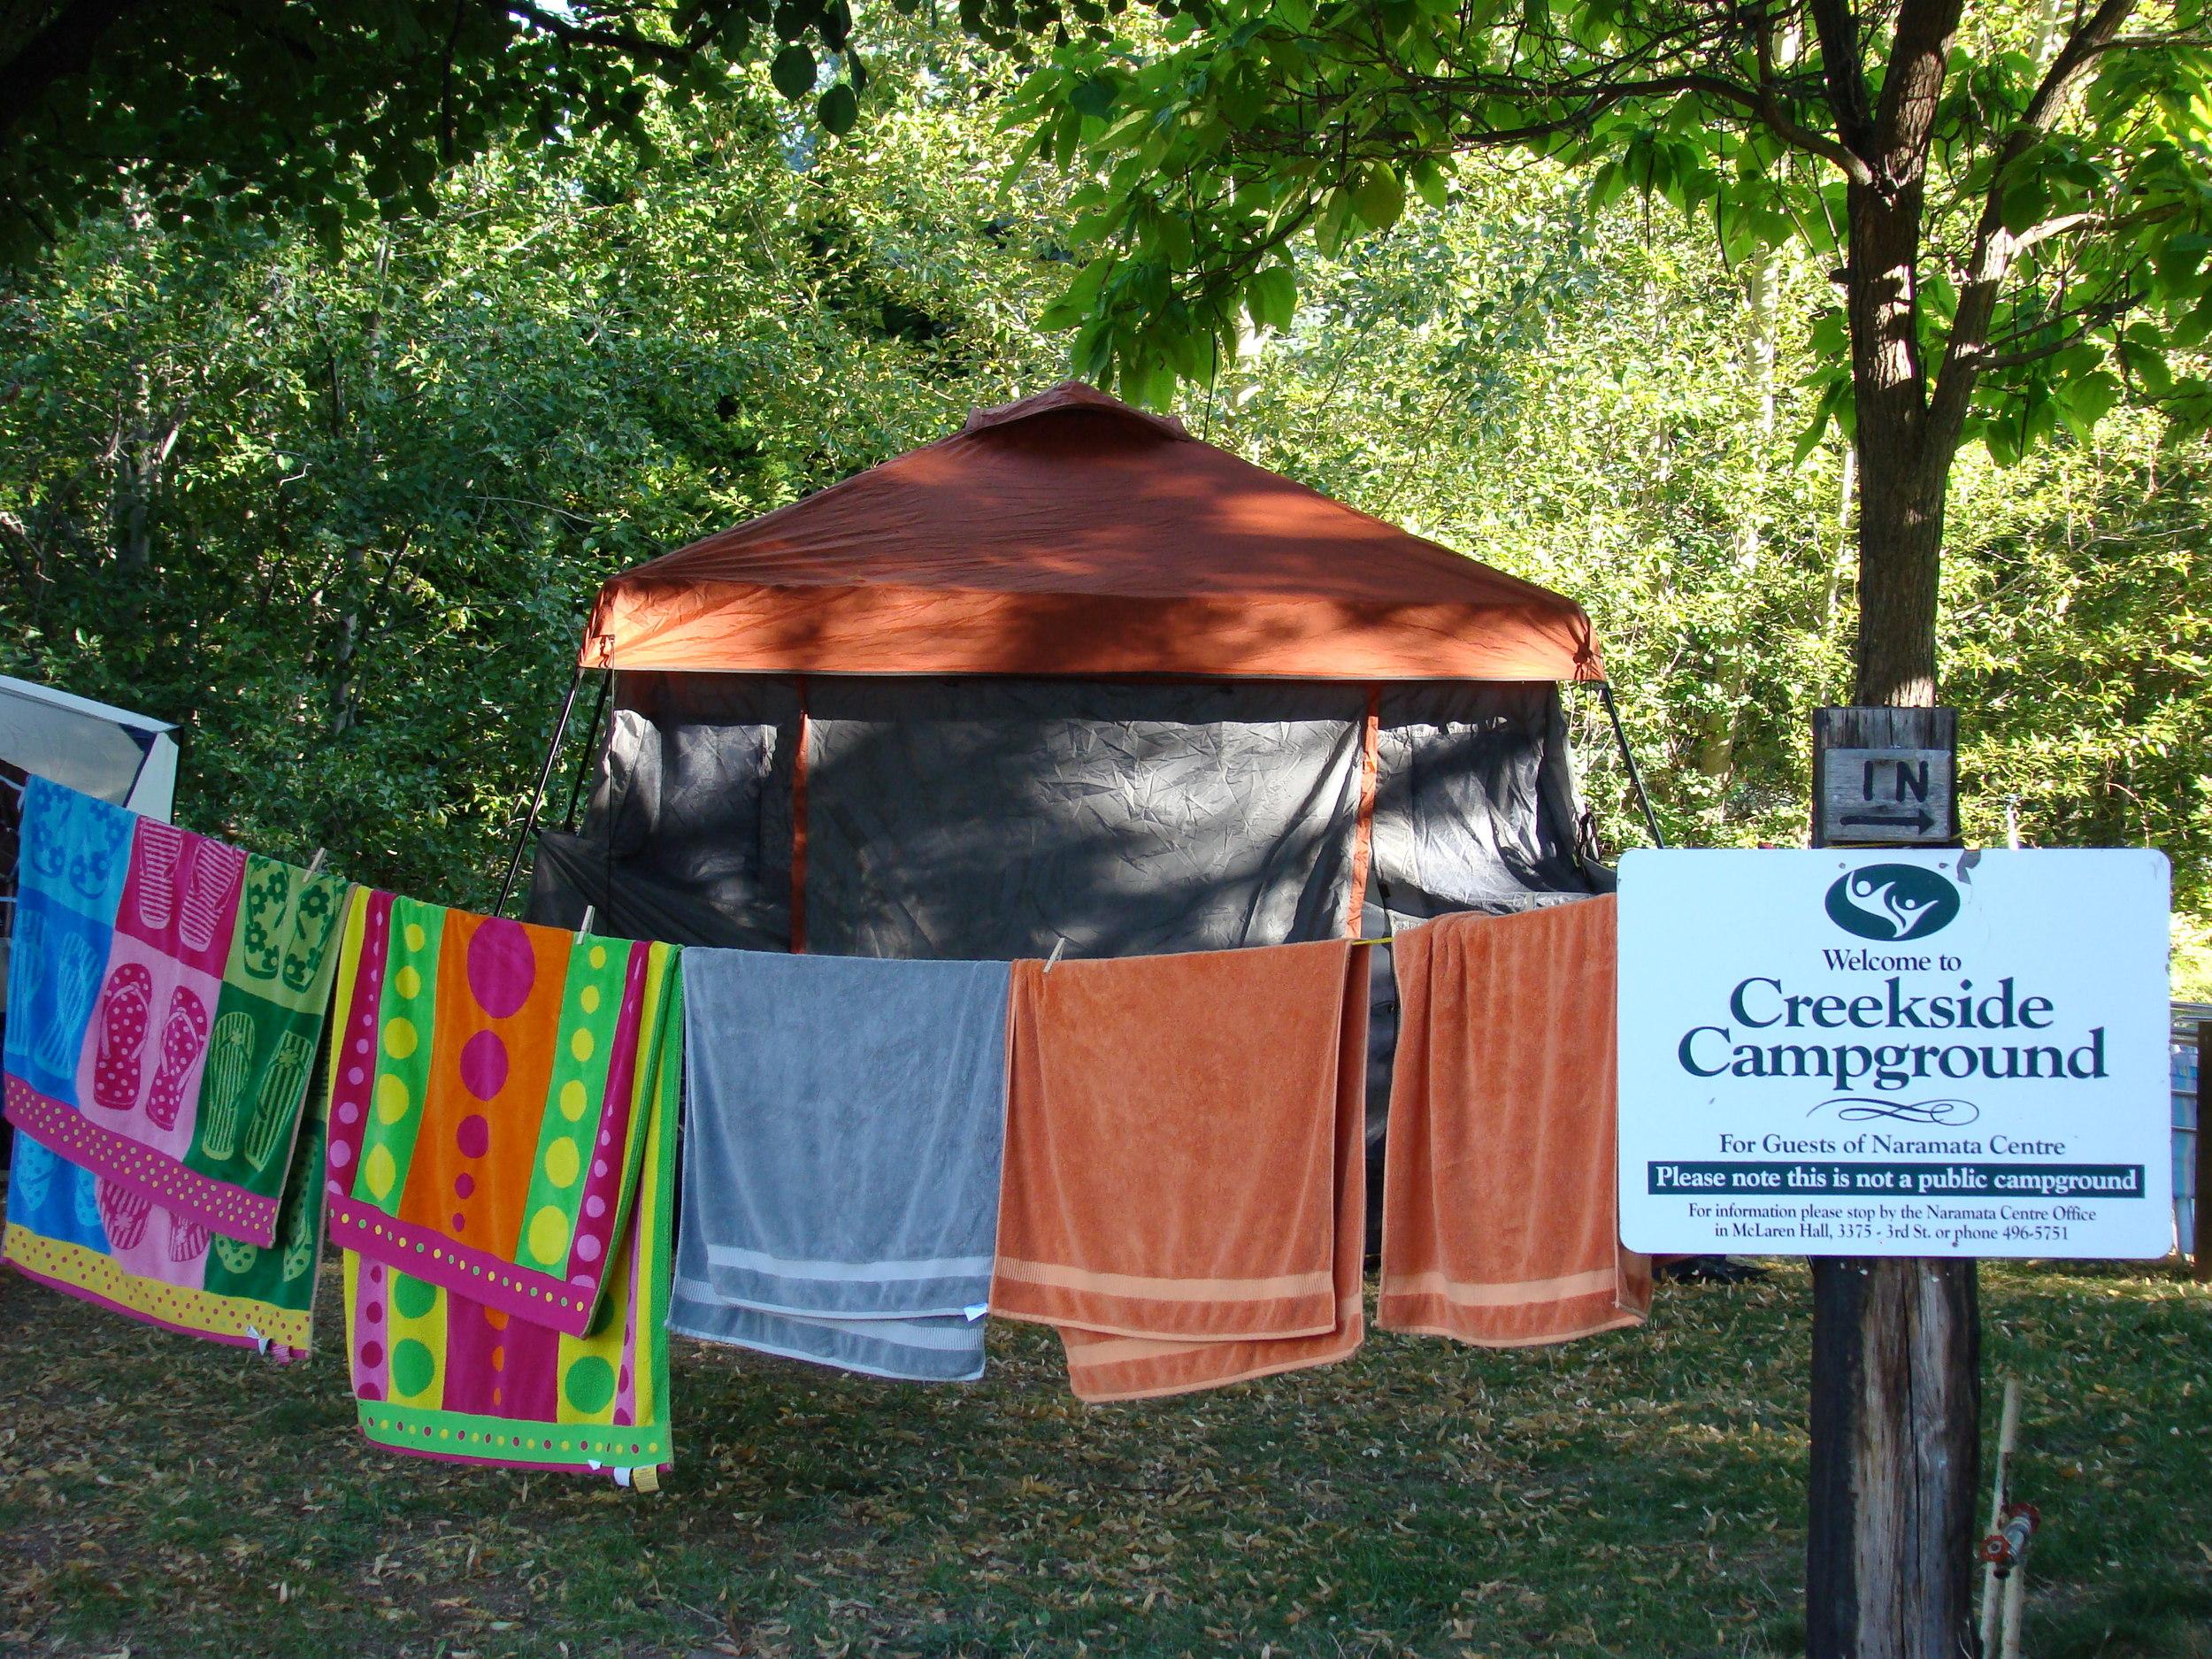 creekside tents 7 towels DSC08632.jpg